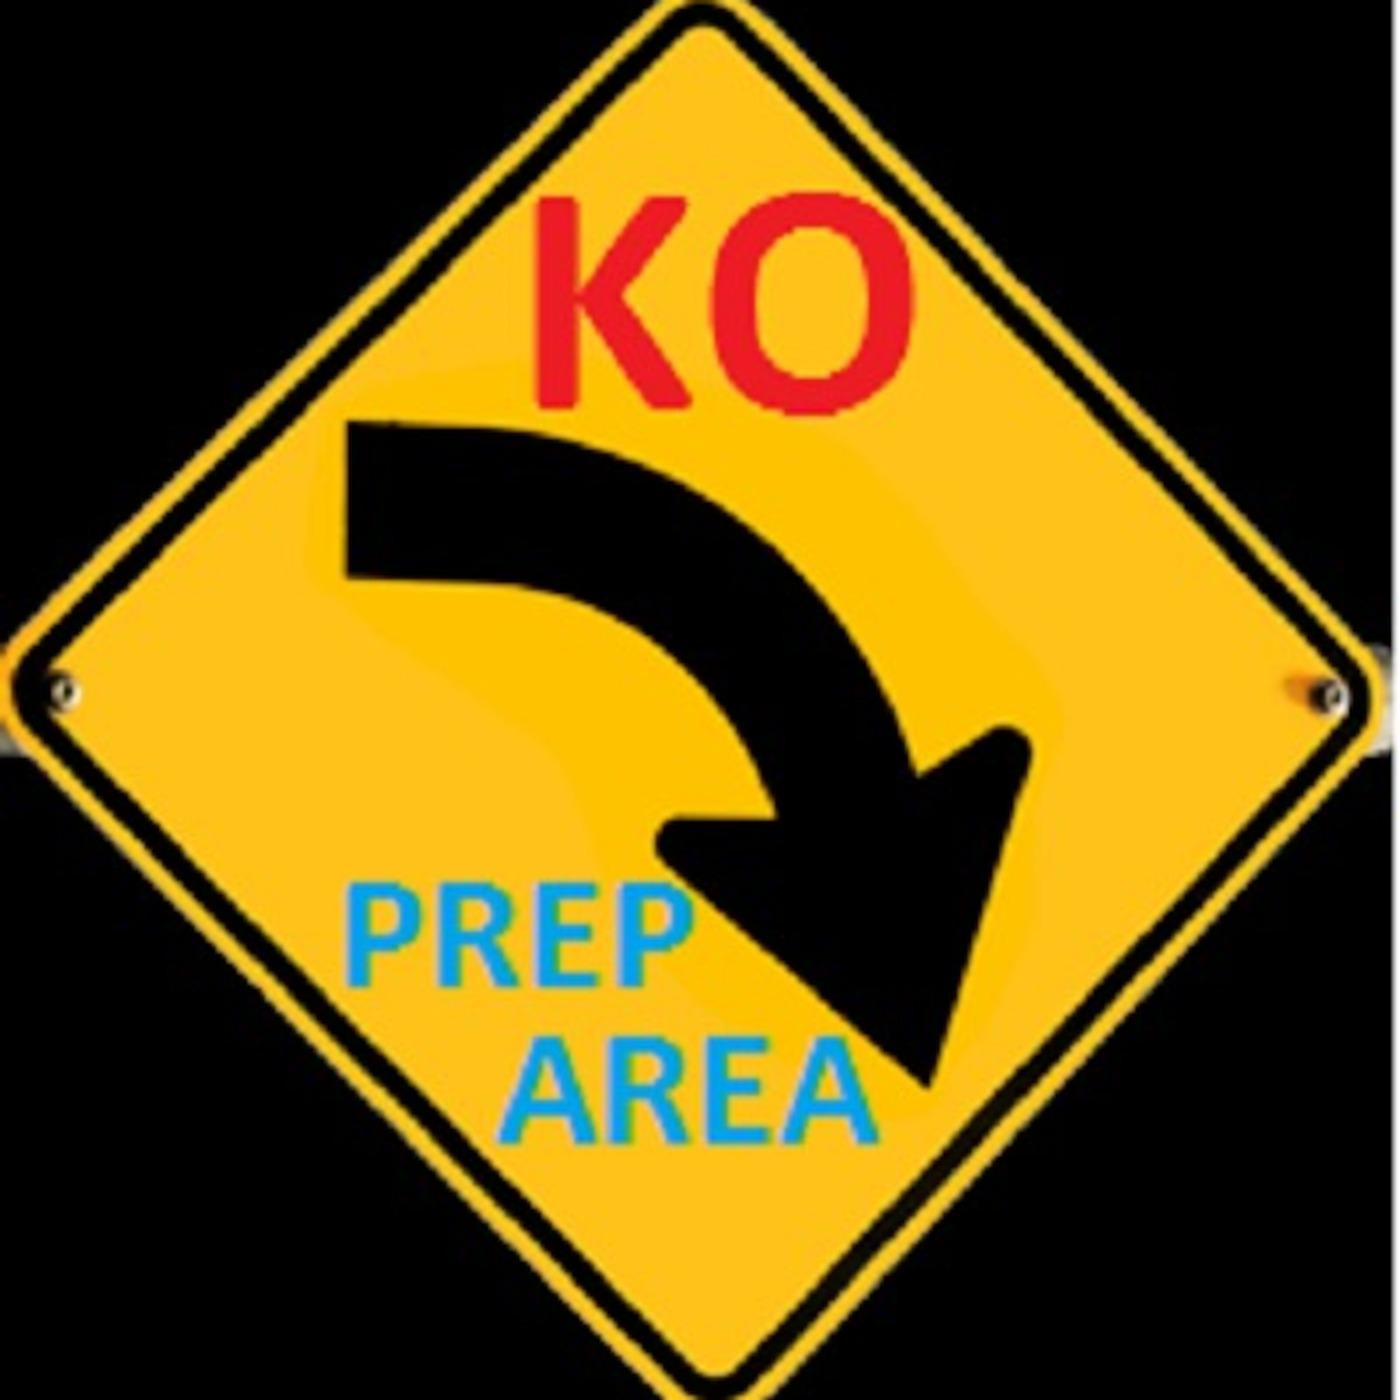 KO to Prep Area